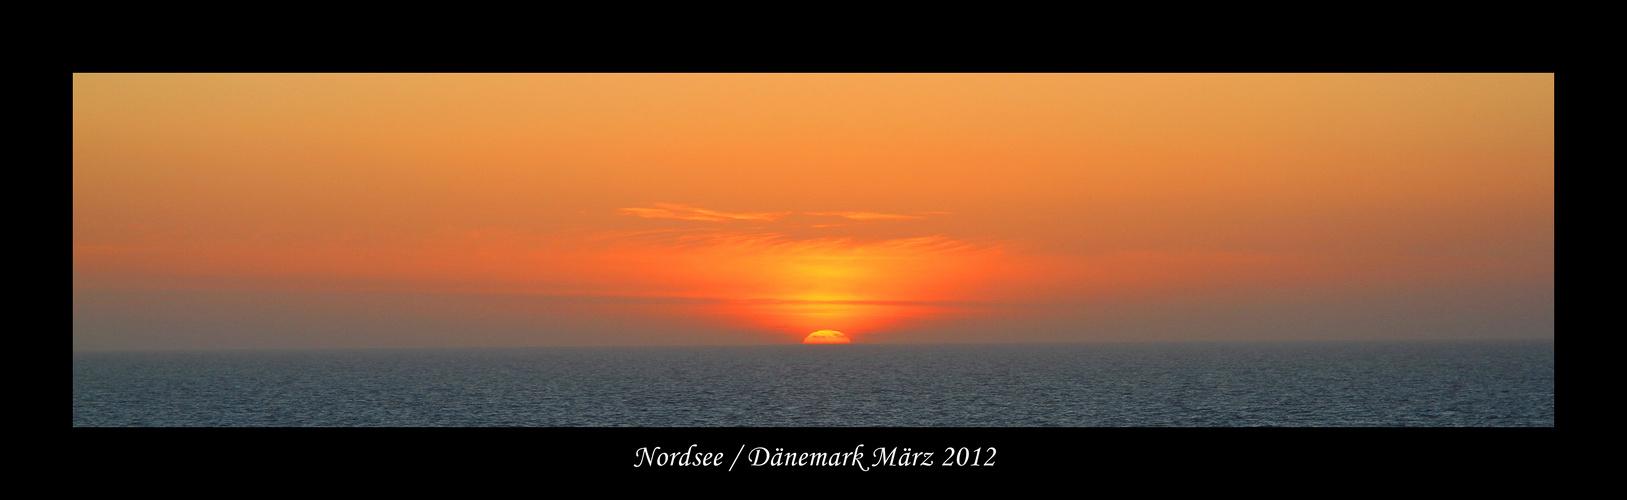 Dänemark / Nordsee März 2012